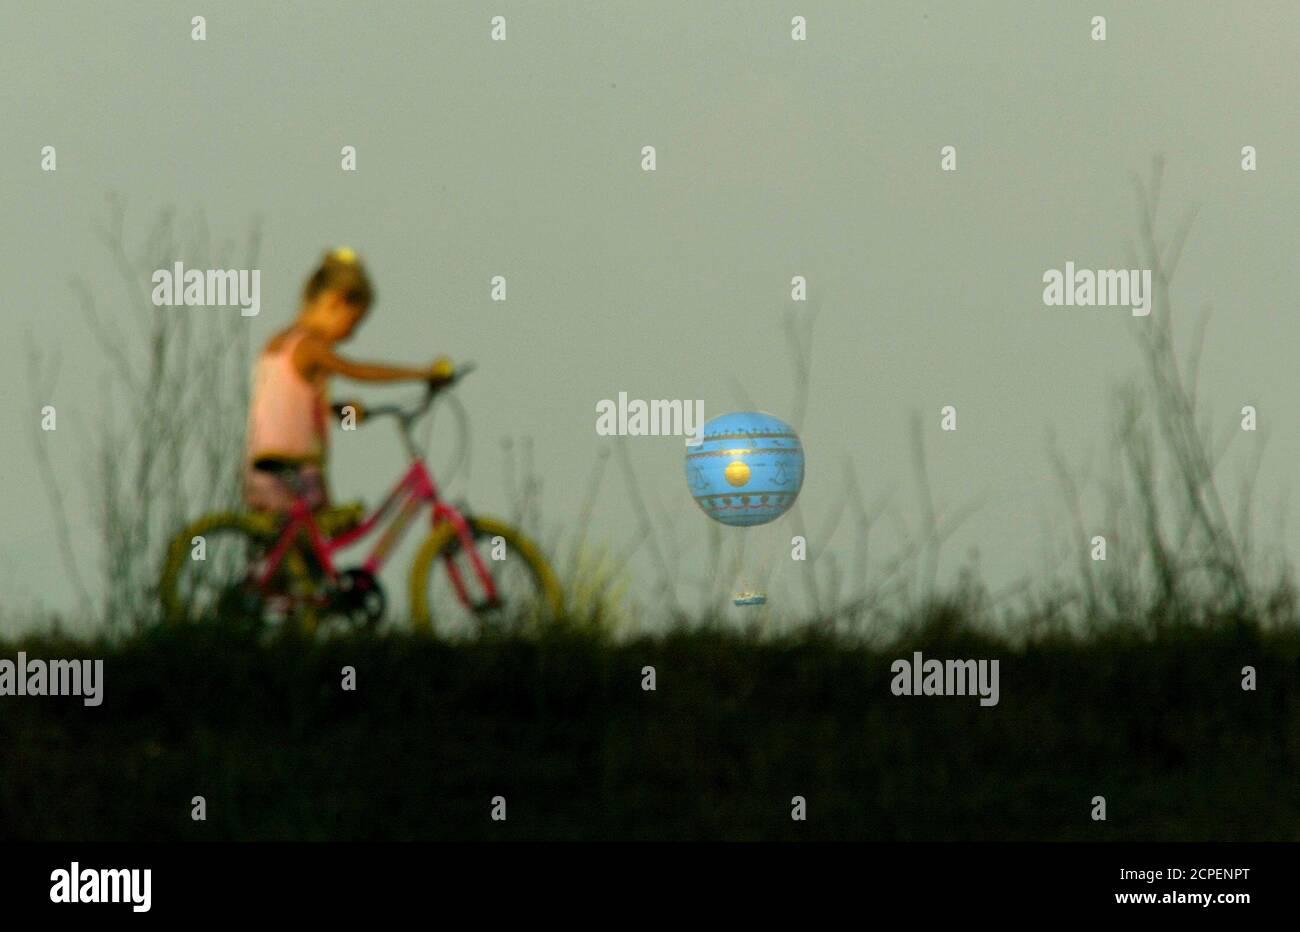 Une jeune fille marche à vélo jusqu'à une colline tandis qu'un ballon à hélium survole les gratte-ciel de Rome à la pause du 28 juillet 2003. Le ballon qui était tout prévu pour devenir la dernière attraction touristique de la ville a rencontré un problème assez inhabituel - trop d'air chaud. Le ballon ne peut voler qu'à l'aube et au crépuscule, car les courants thermiques générés par la montée des températures à midi mettent un arrêt aux touristes en profitant d'une vue aérienne sur la ville éternelle à l'heure du déjeuner. REUTERS/Alessandro Bianchi REUTERS DJM/WS Banque D'Images